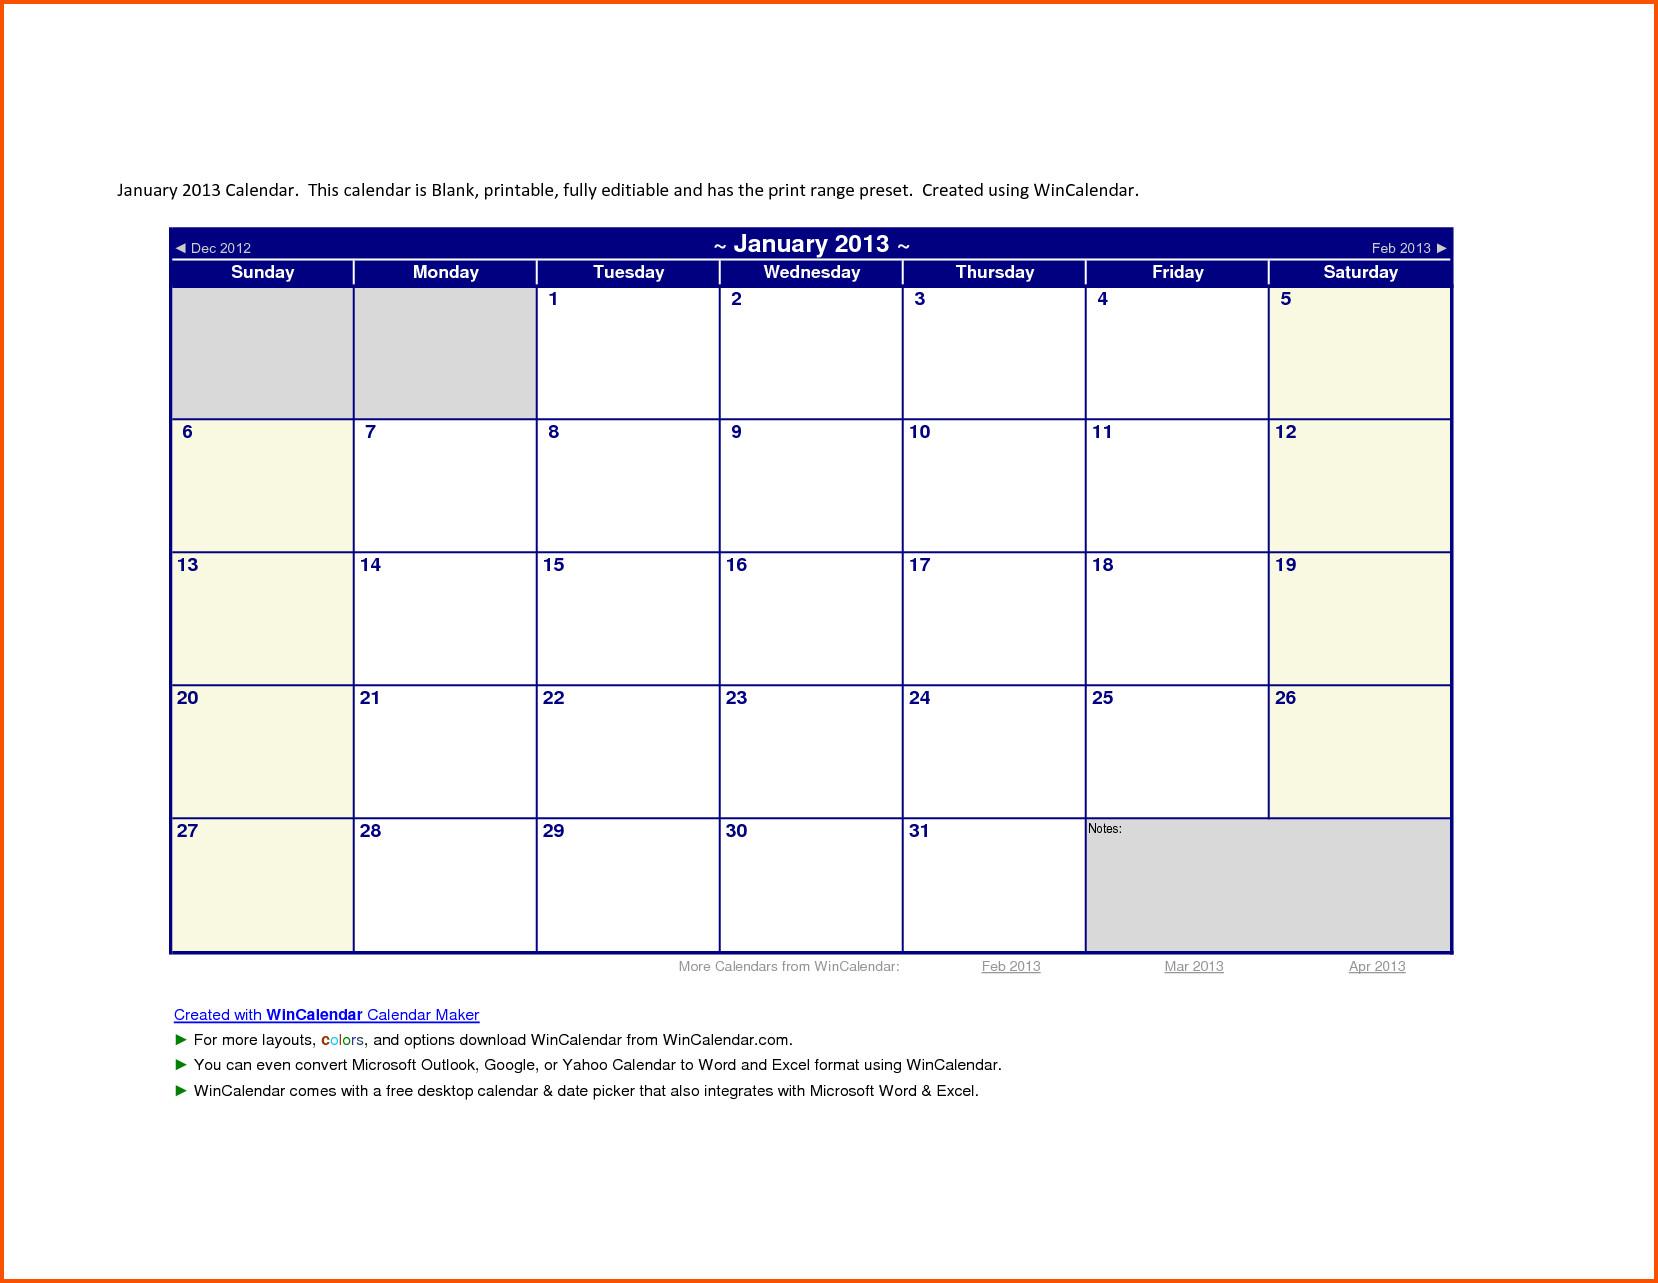 Calendar Template for Word 2013 Calendar Template Word